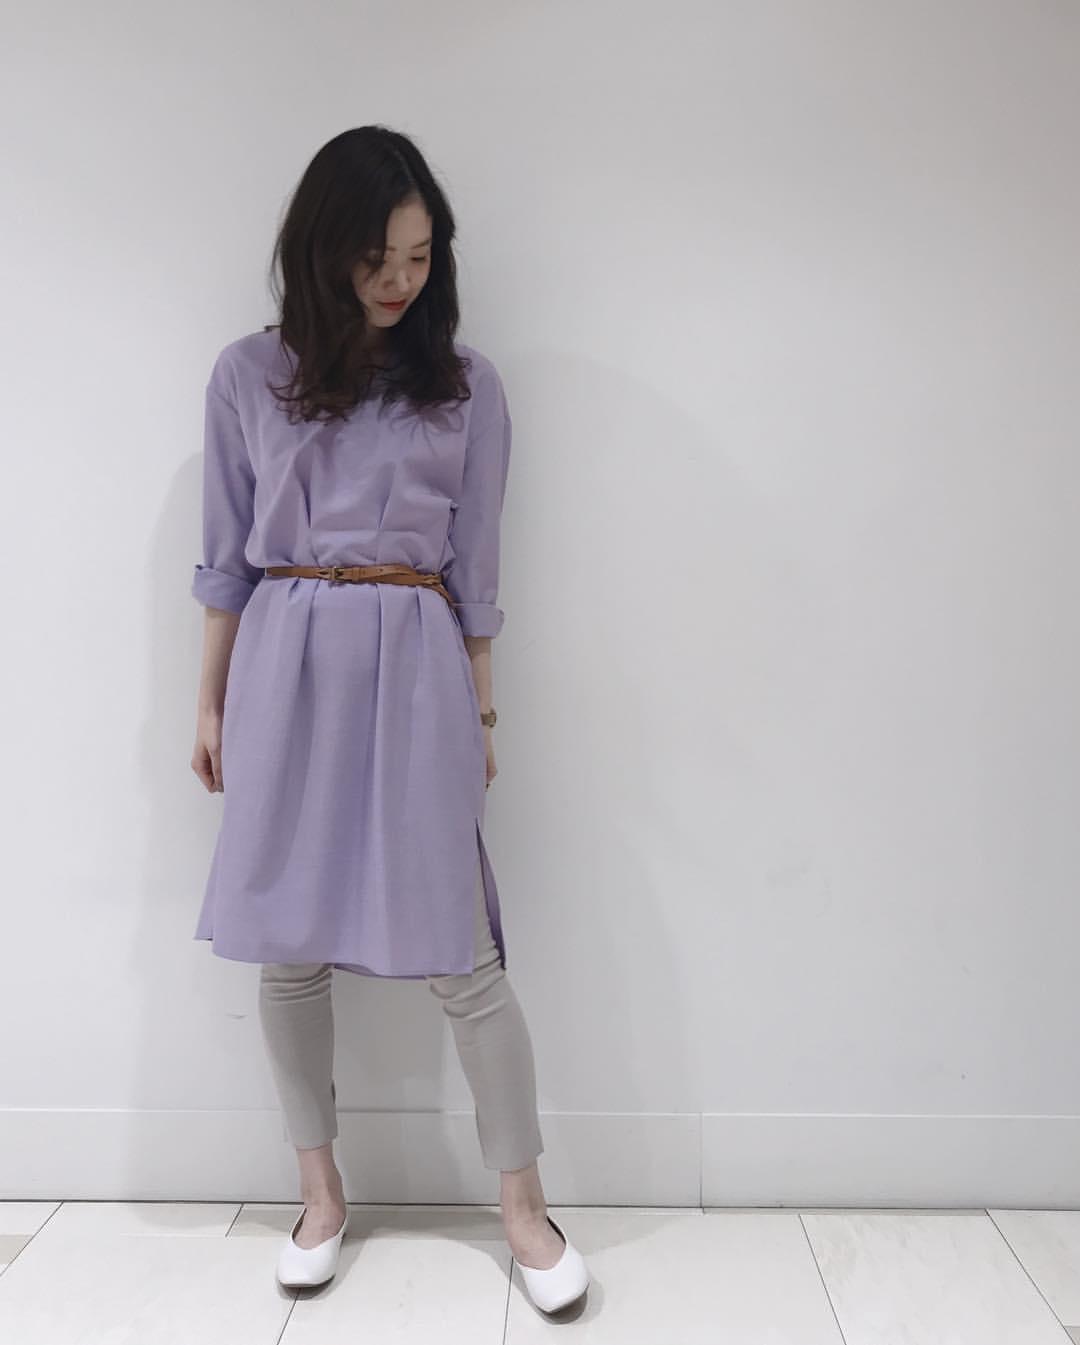 最高気温19度・最低気温7度 hikari_k0122の服装